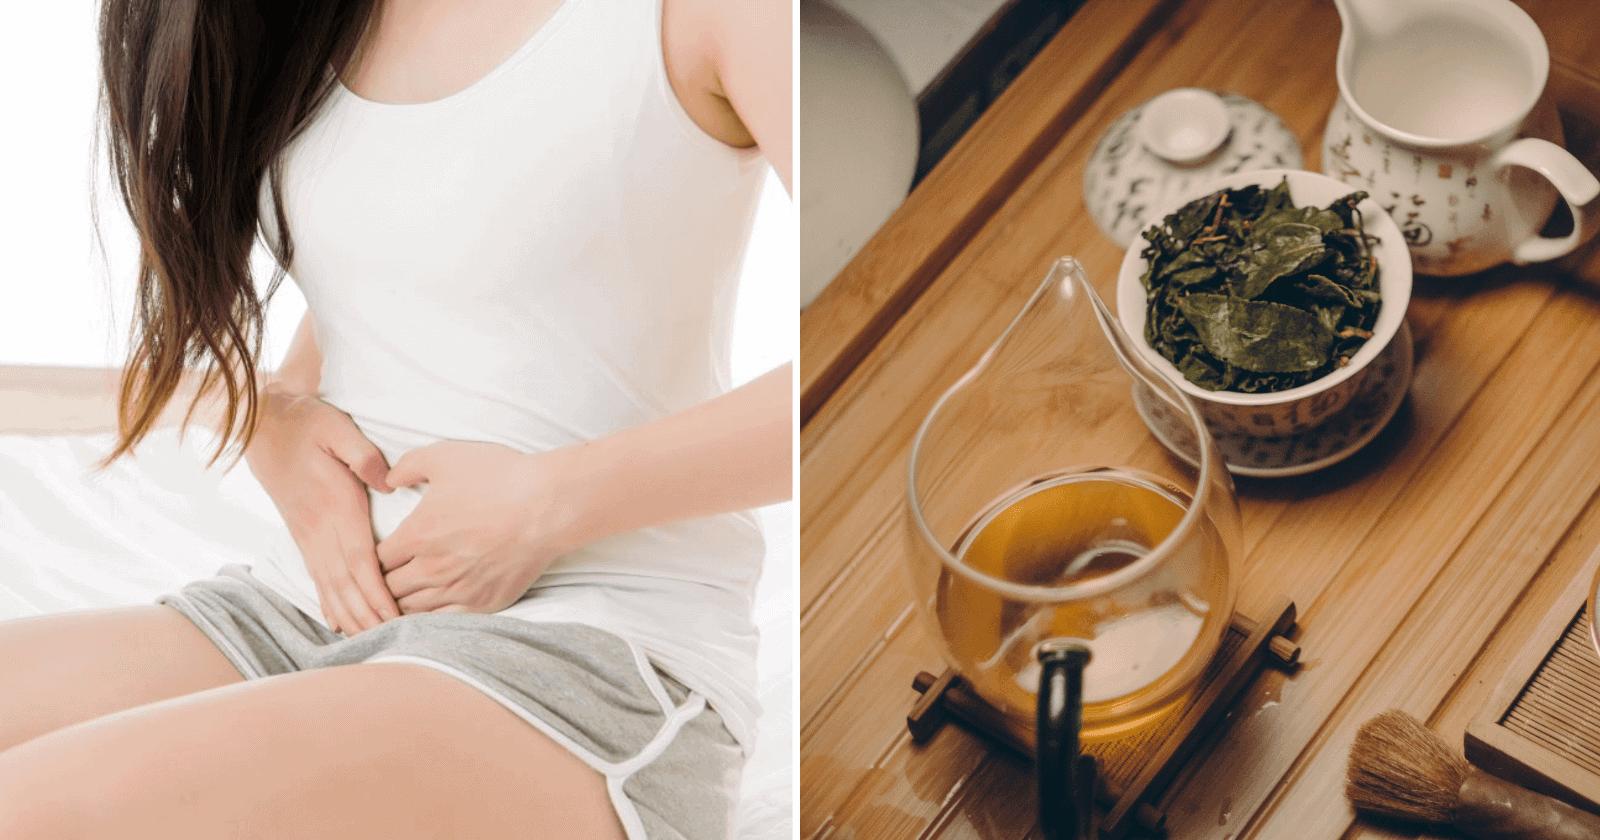 VIVA, MULHERADA!: 10 opções NATURAIS que eliminam a cólica menstrual